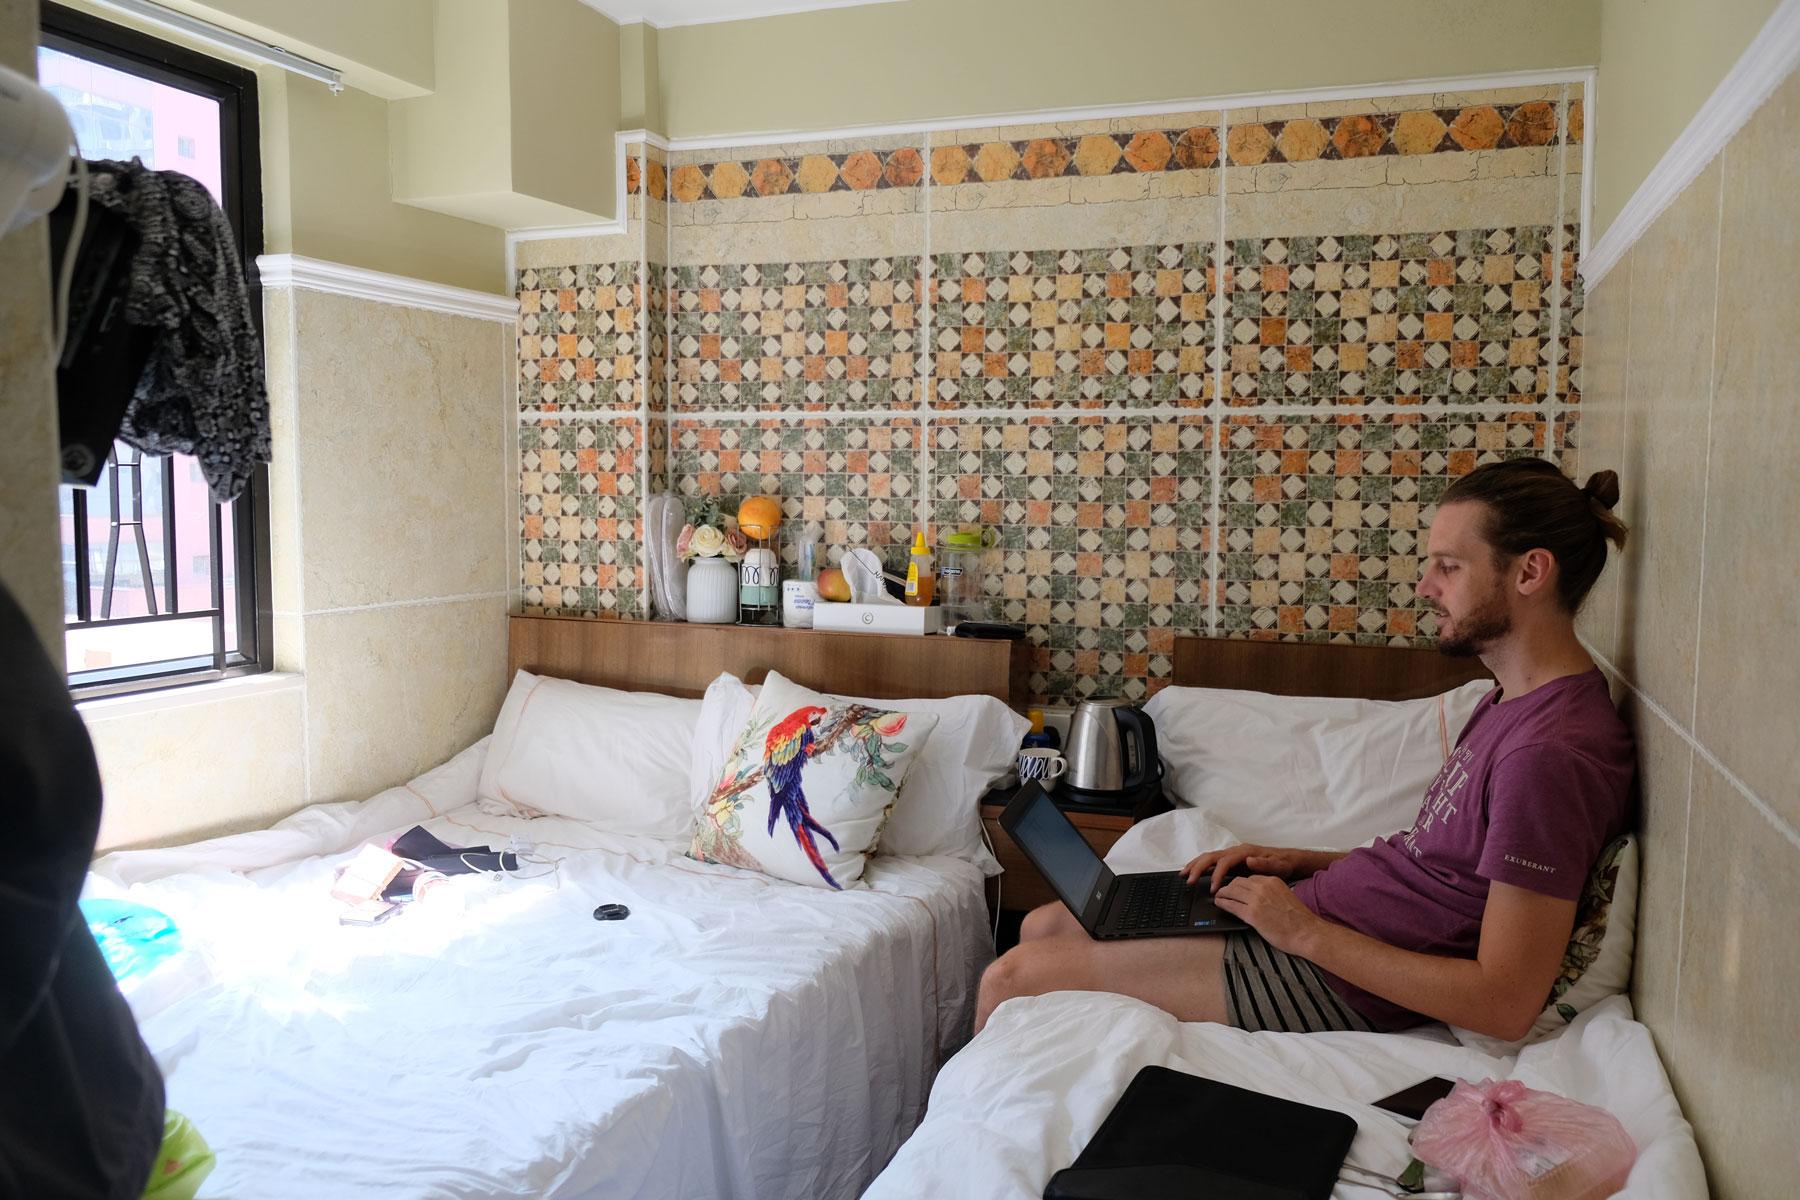 Sebastian sitzt auf dem Bett in unserem kleinen Hotelzimmer in Hongkong.